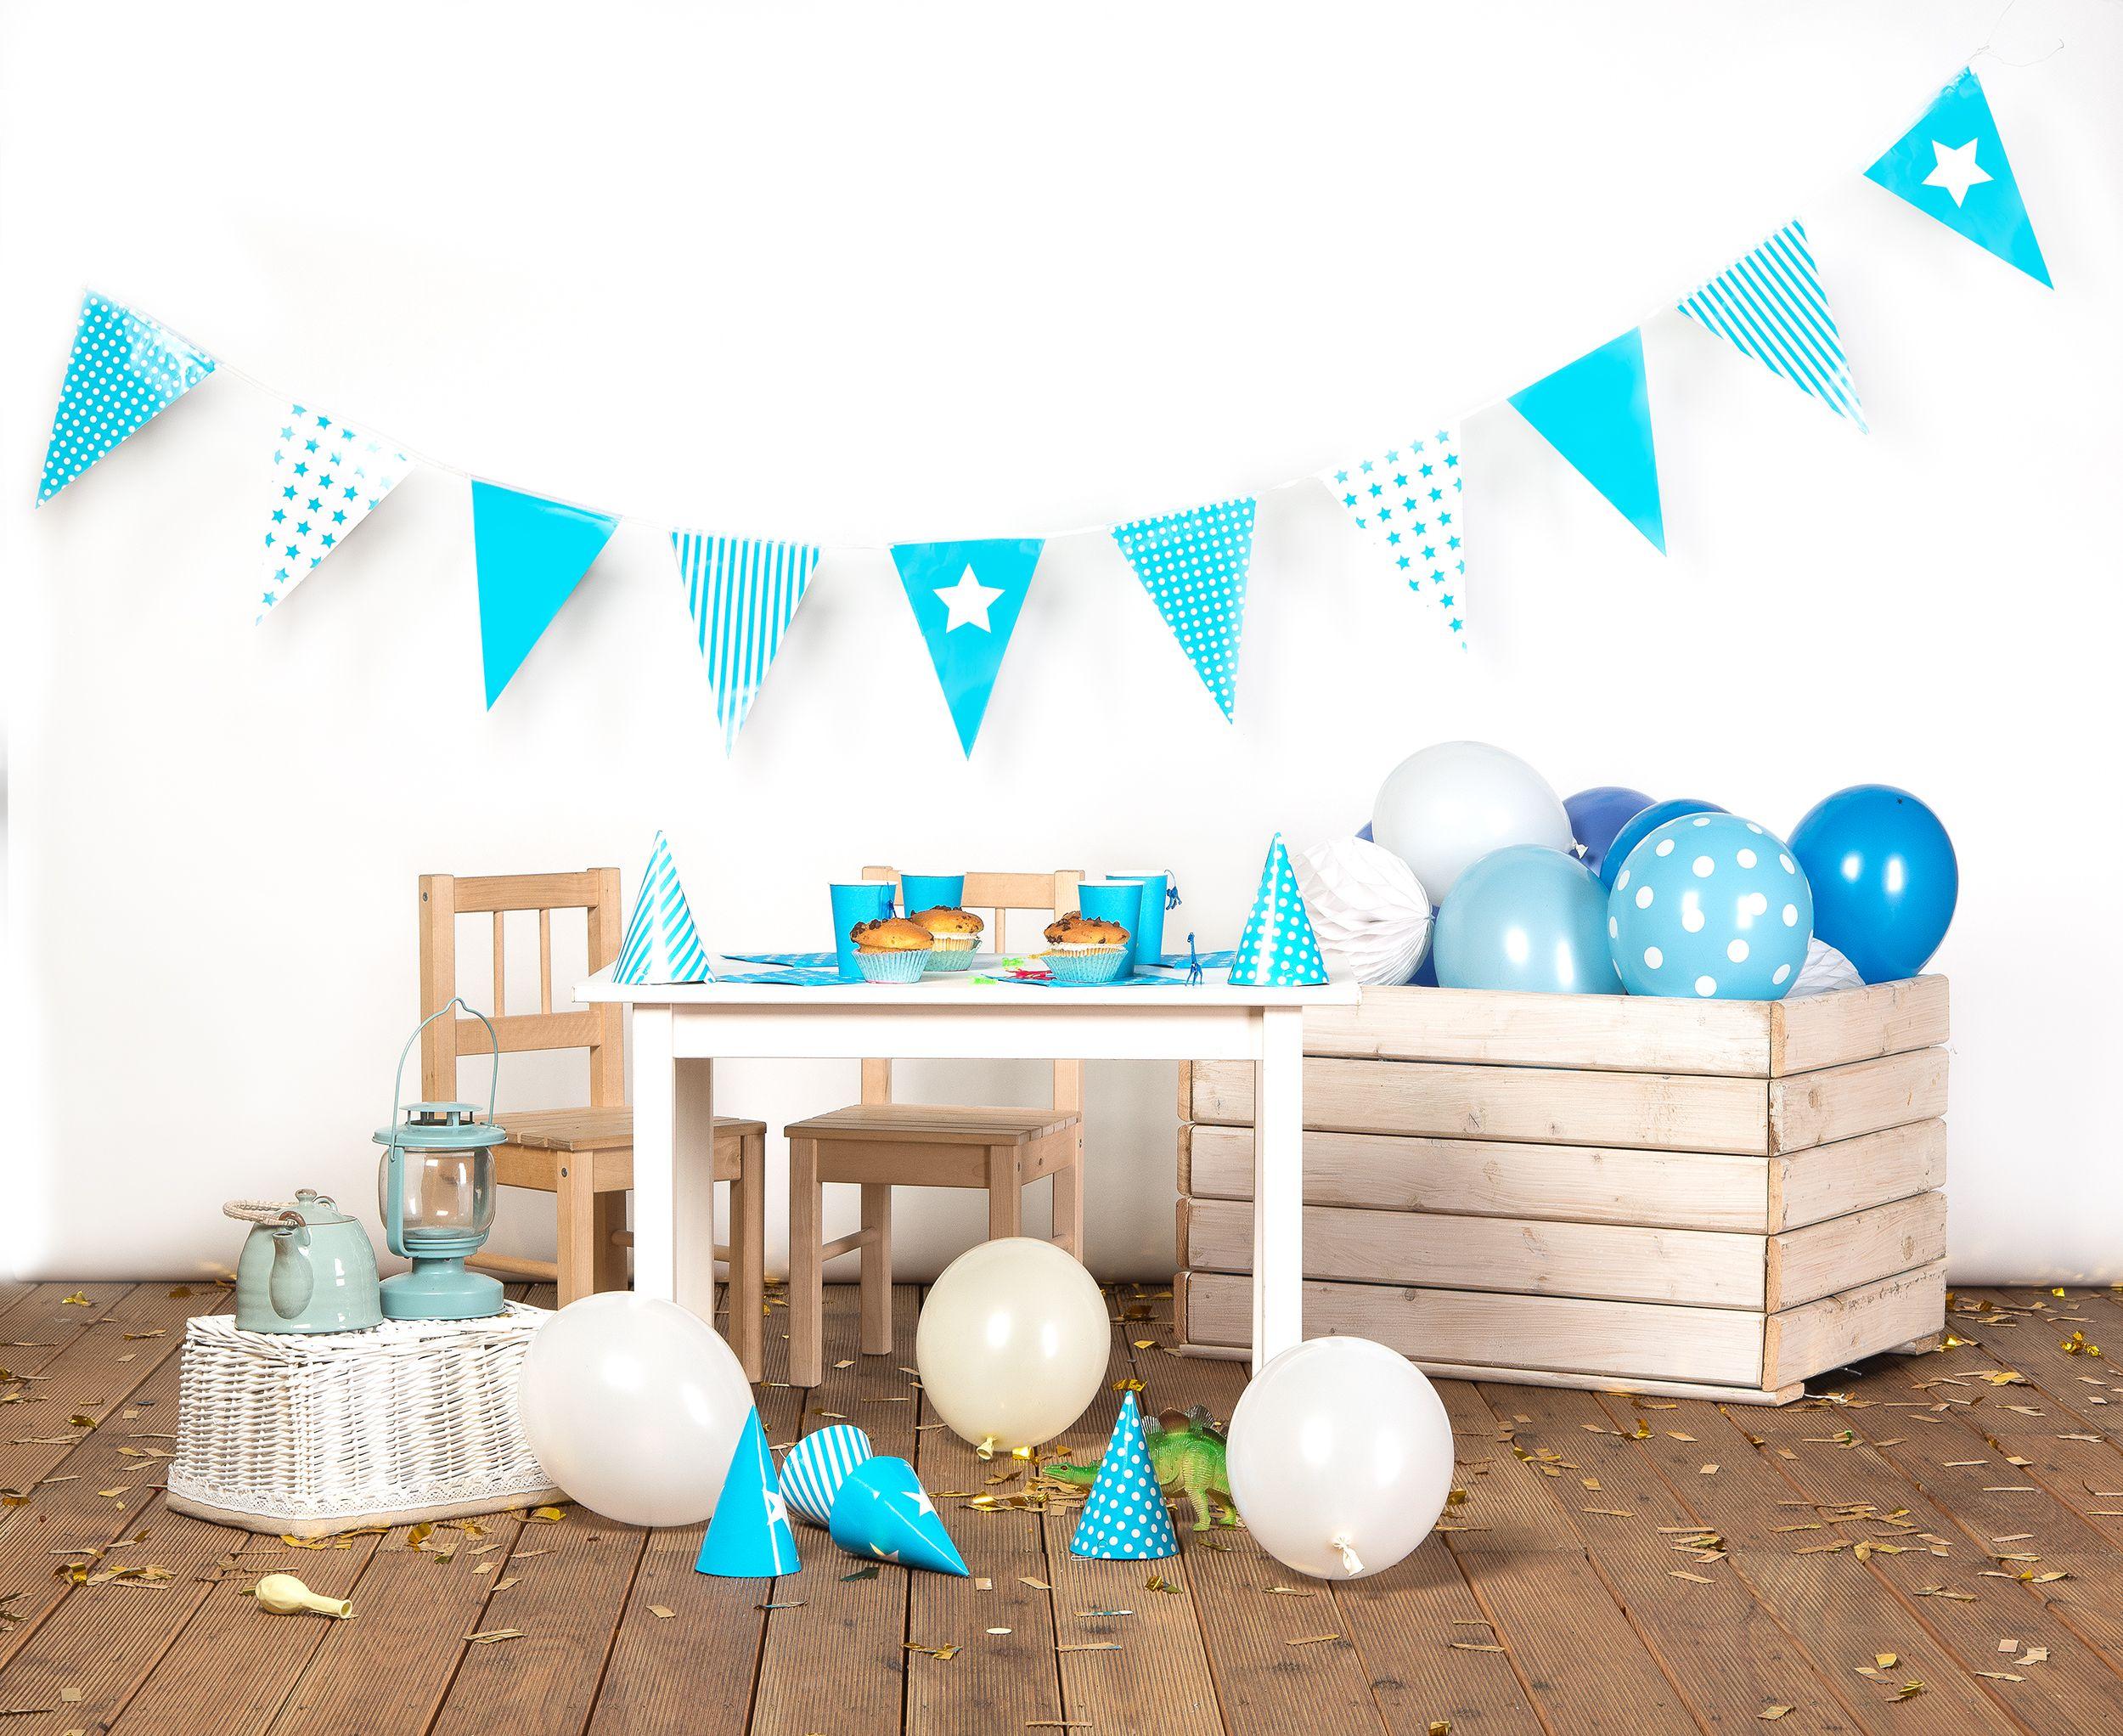 Dekoracje Urodzinowe Girlandy Pompony Kule Urodziny Dla Dzieci